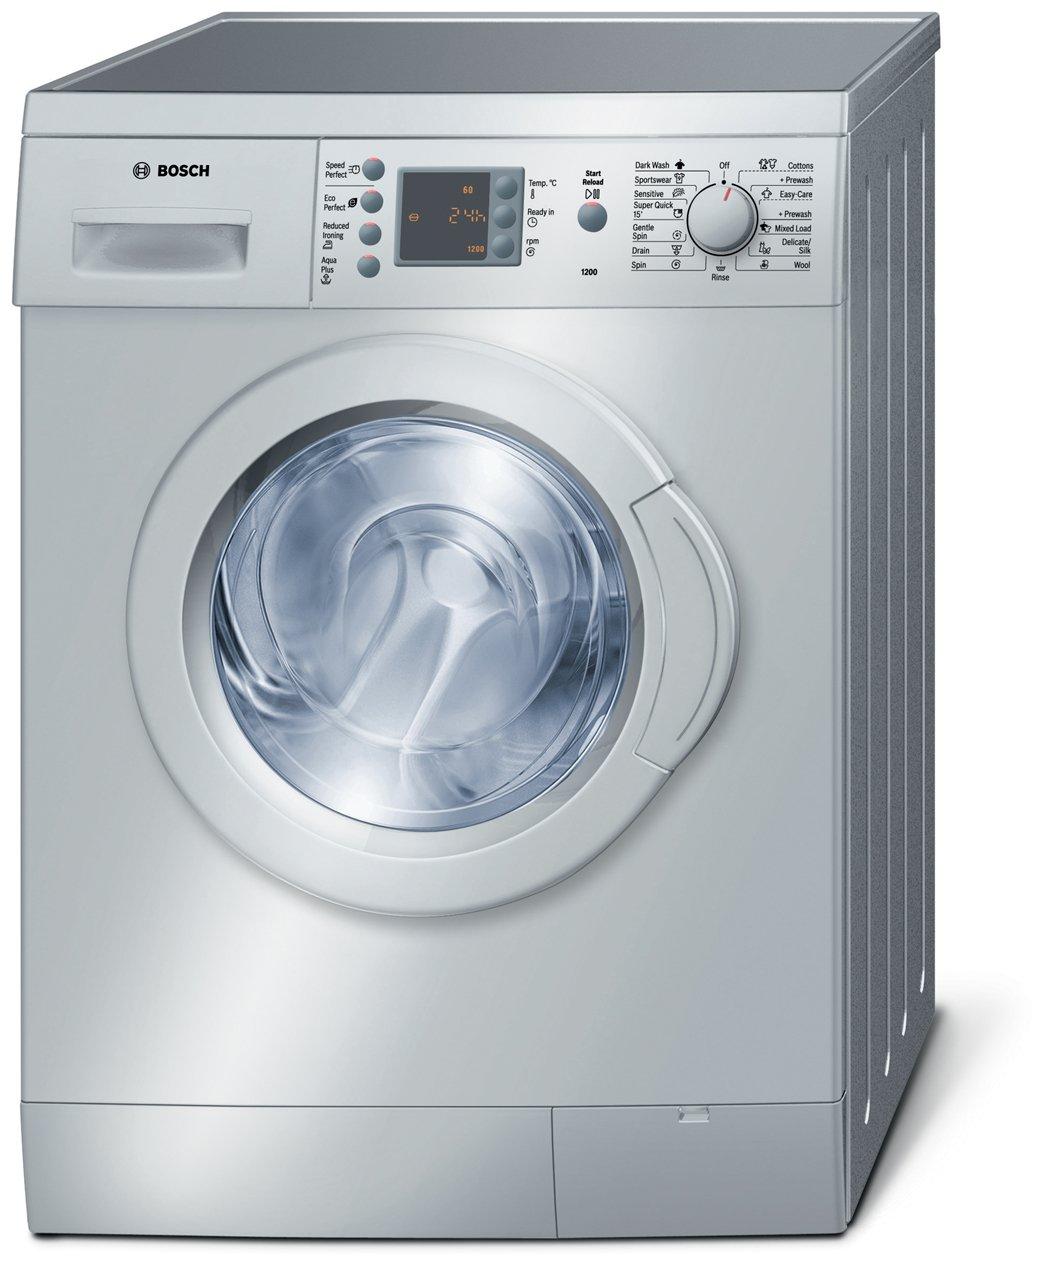 инструкция стиральная машинка бош классик хх 5